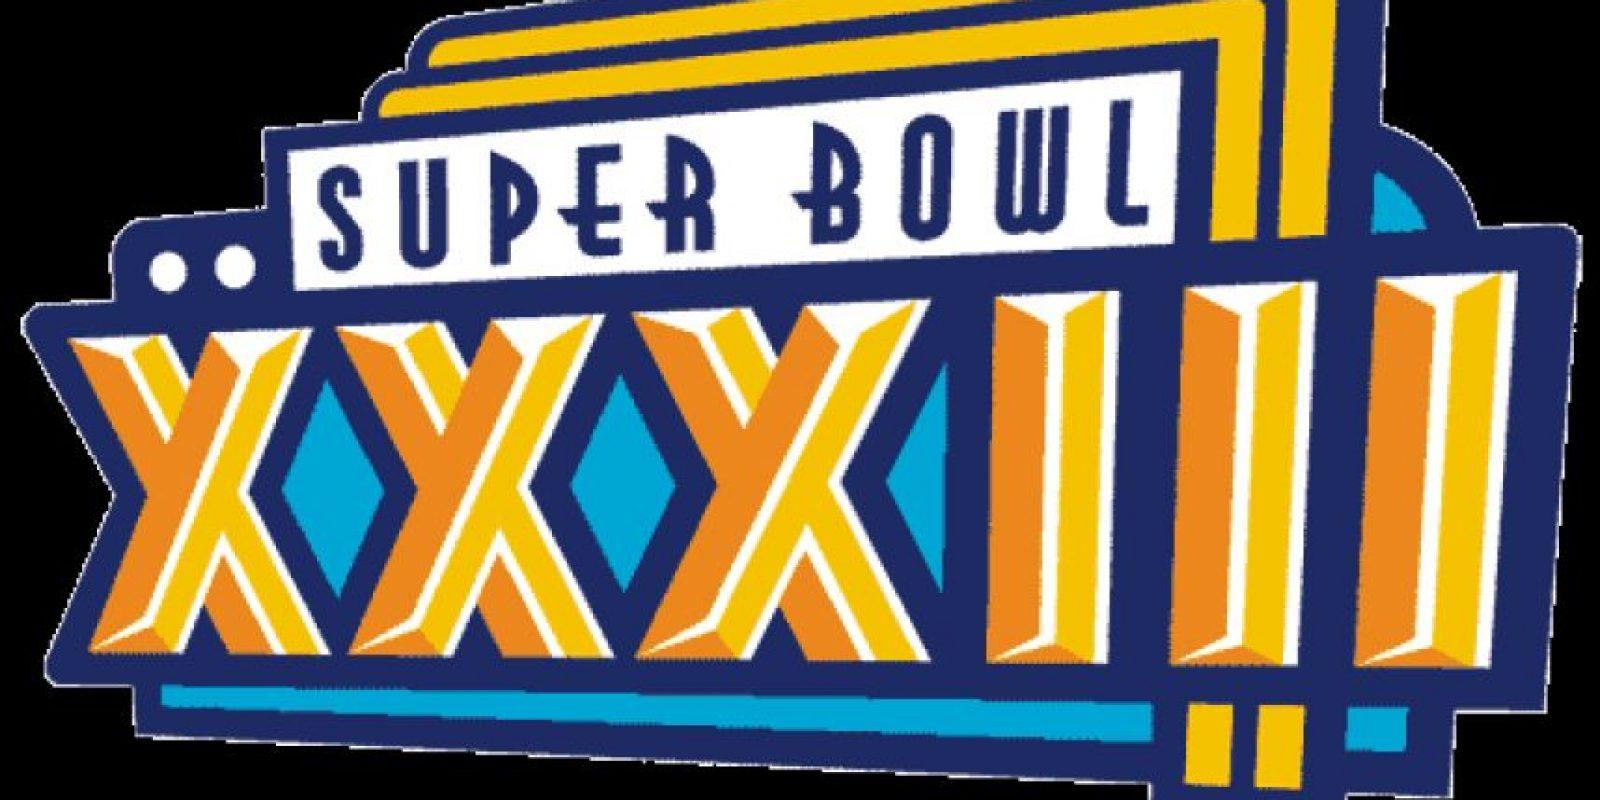 Super Bowl XXXIII Foto:Twitter